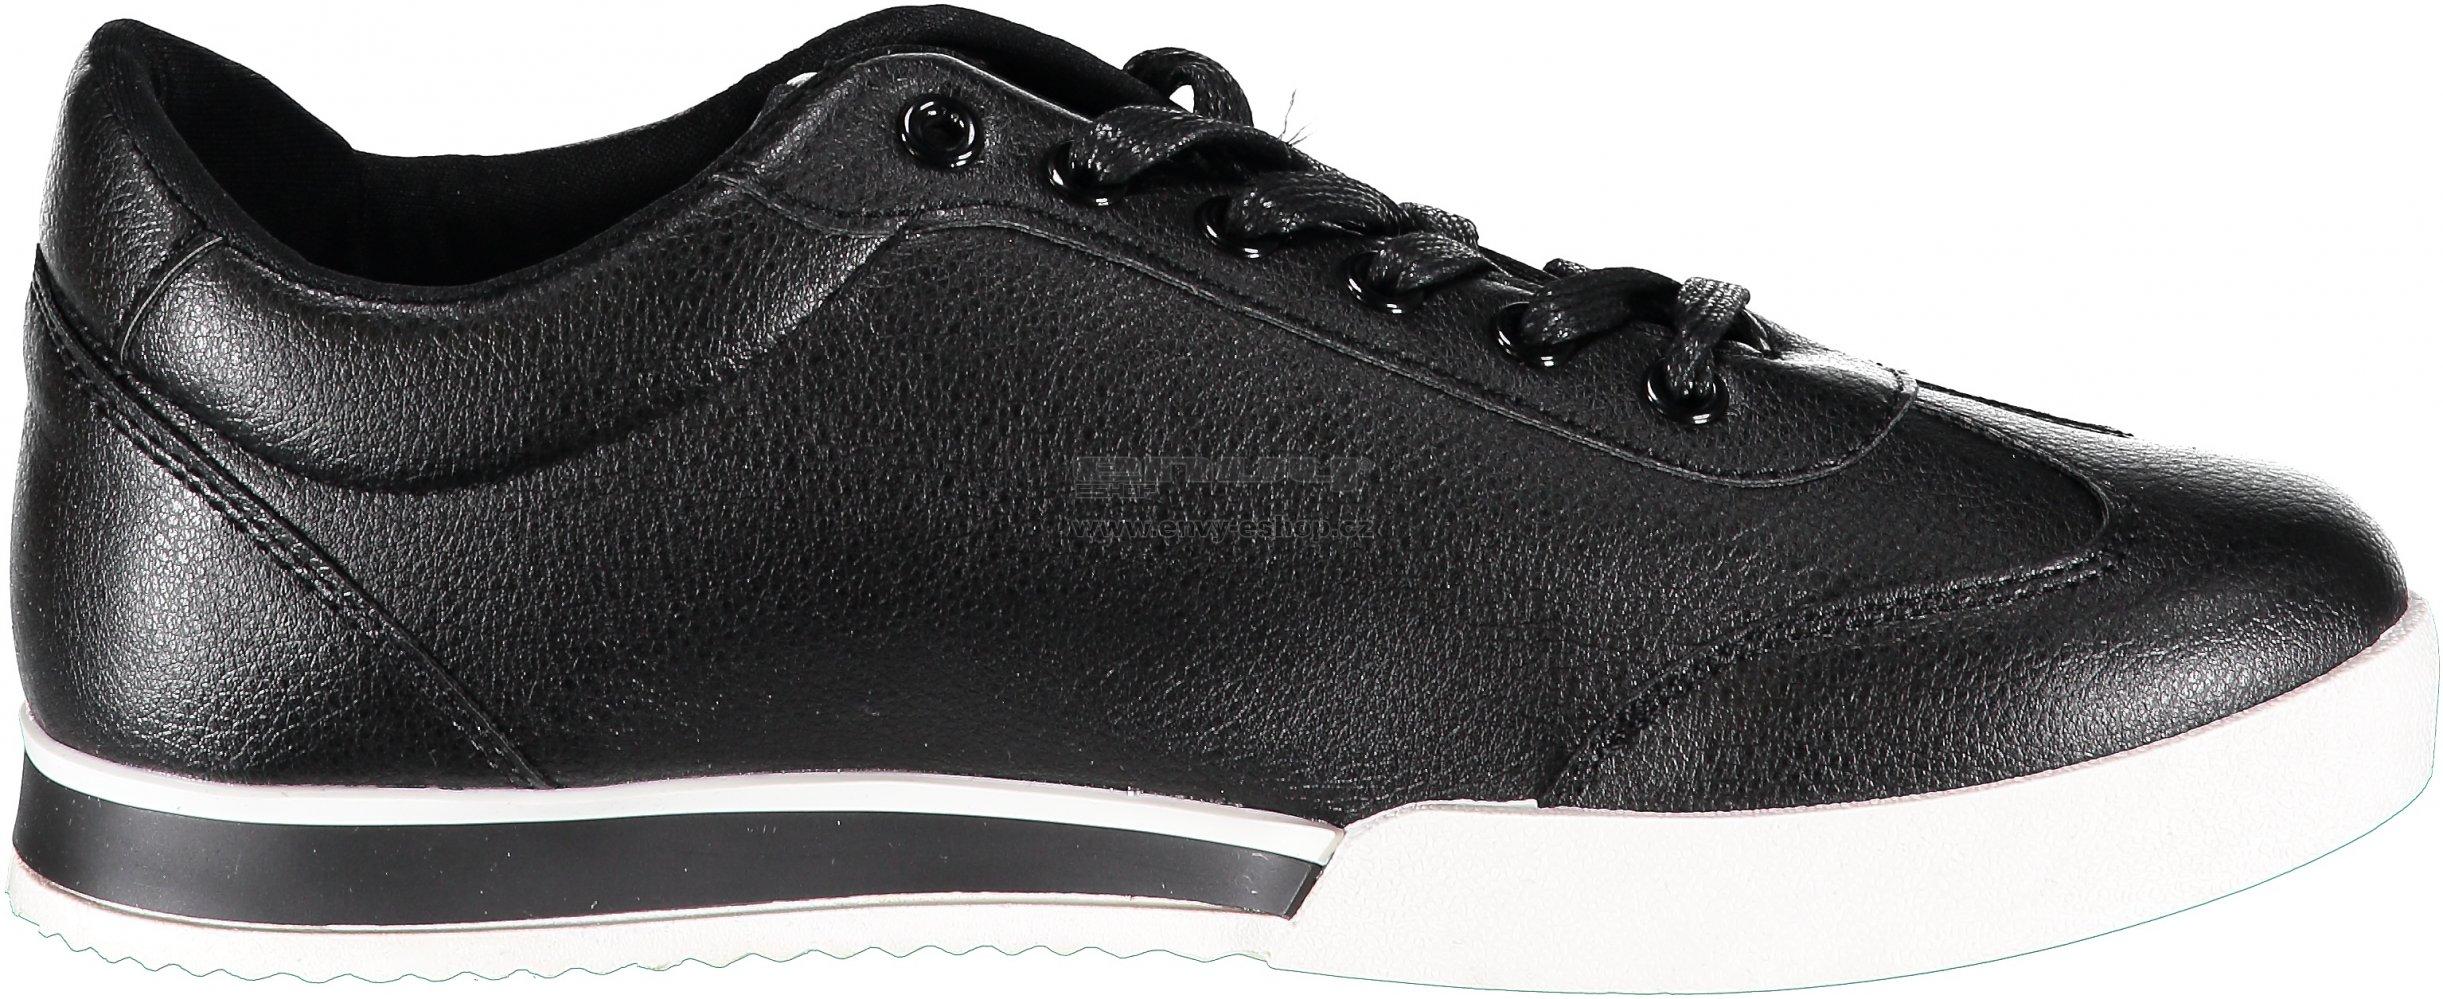 678c9968a0c Dámské boty VICES 8398-1 BLACK velikost  40   ENVY-ESHOP.cz